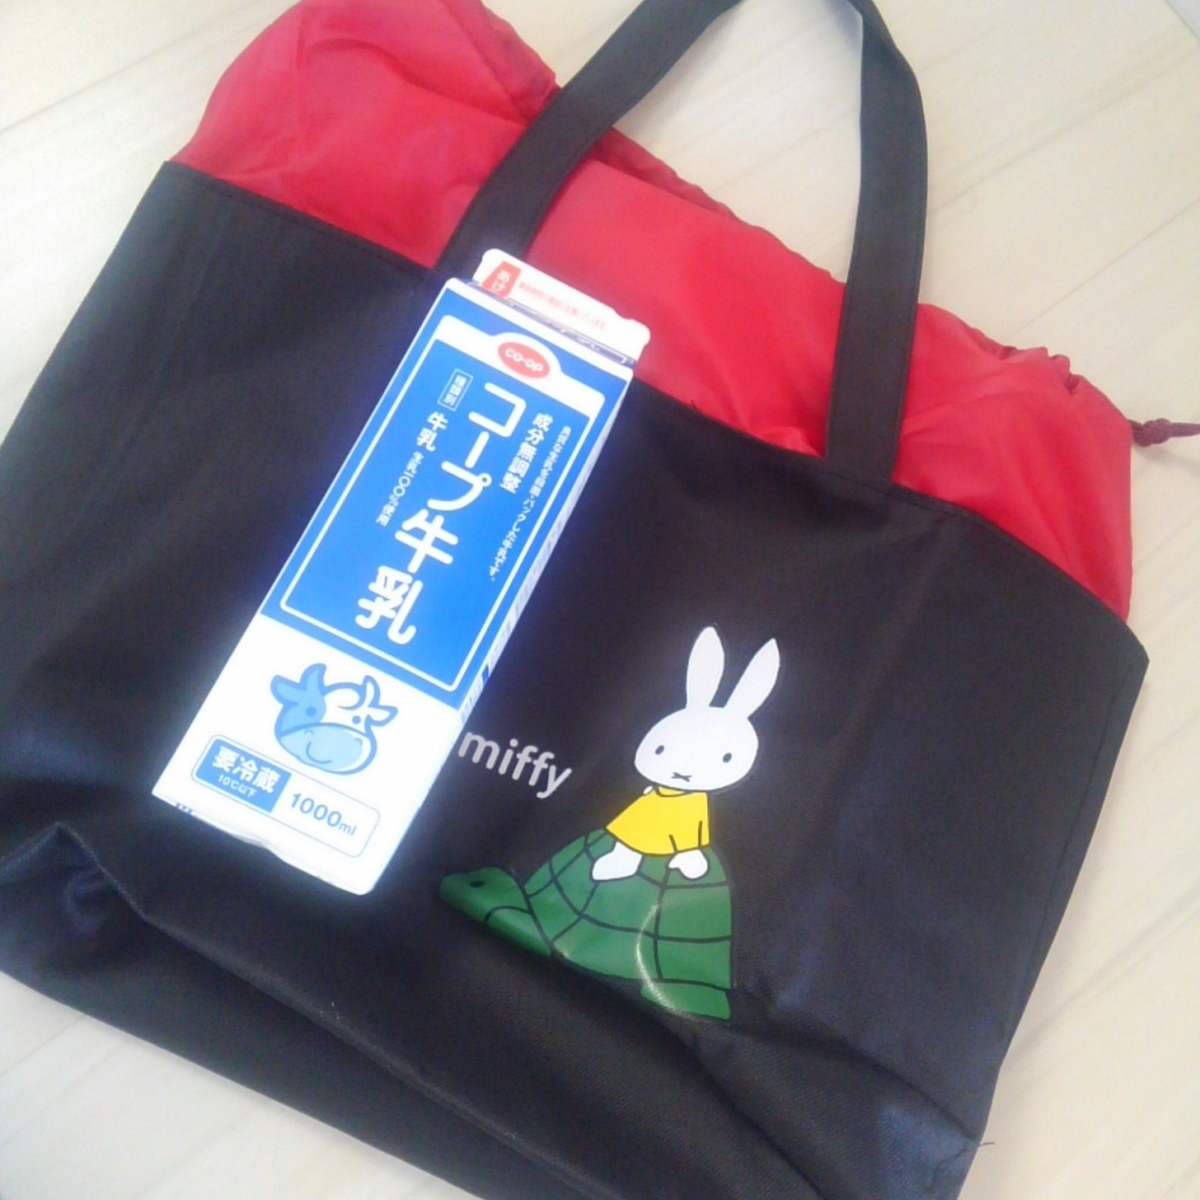 フジパン トート バッグ フジパン ミッフィー エコバッグの平均価格は807円|ヤフオク!等のフジパン